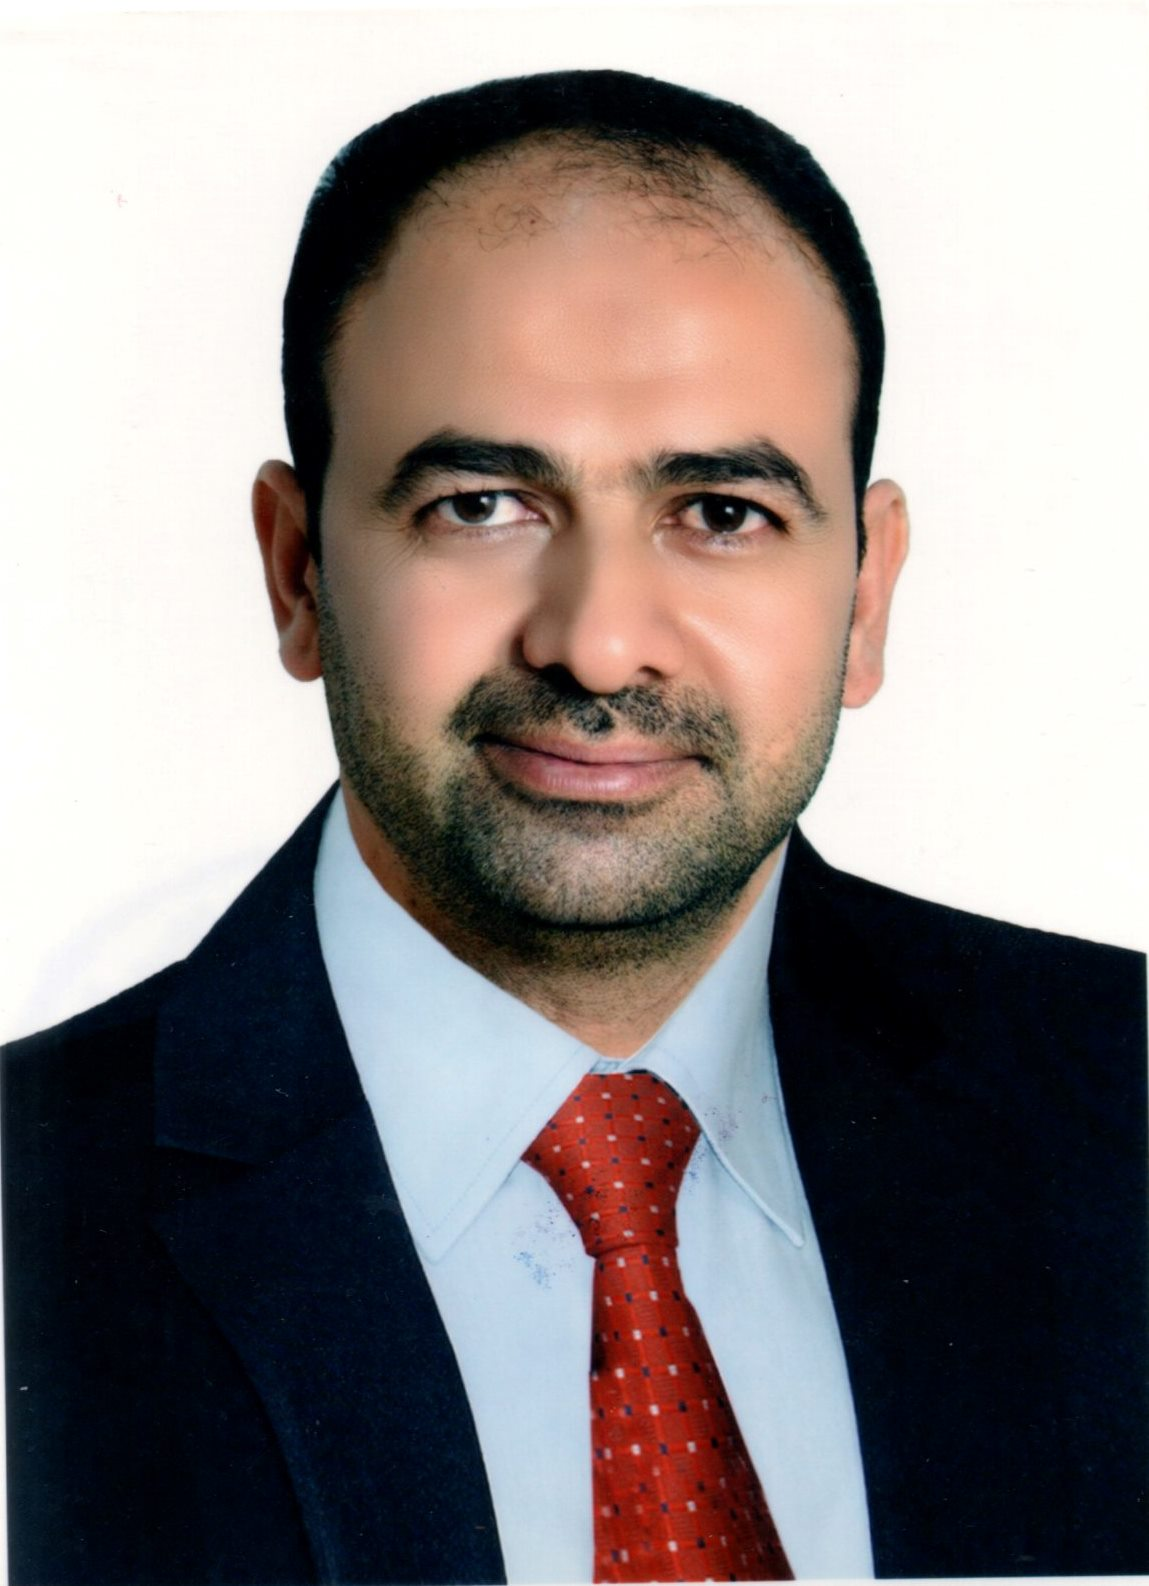 Rafid Majeed Naeem Hussein Alkhalifa